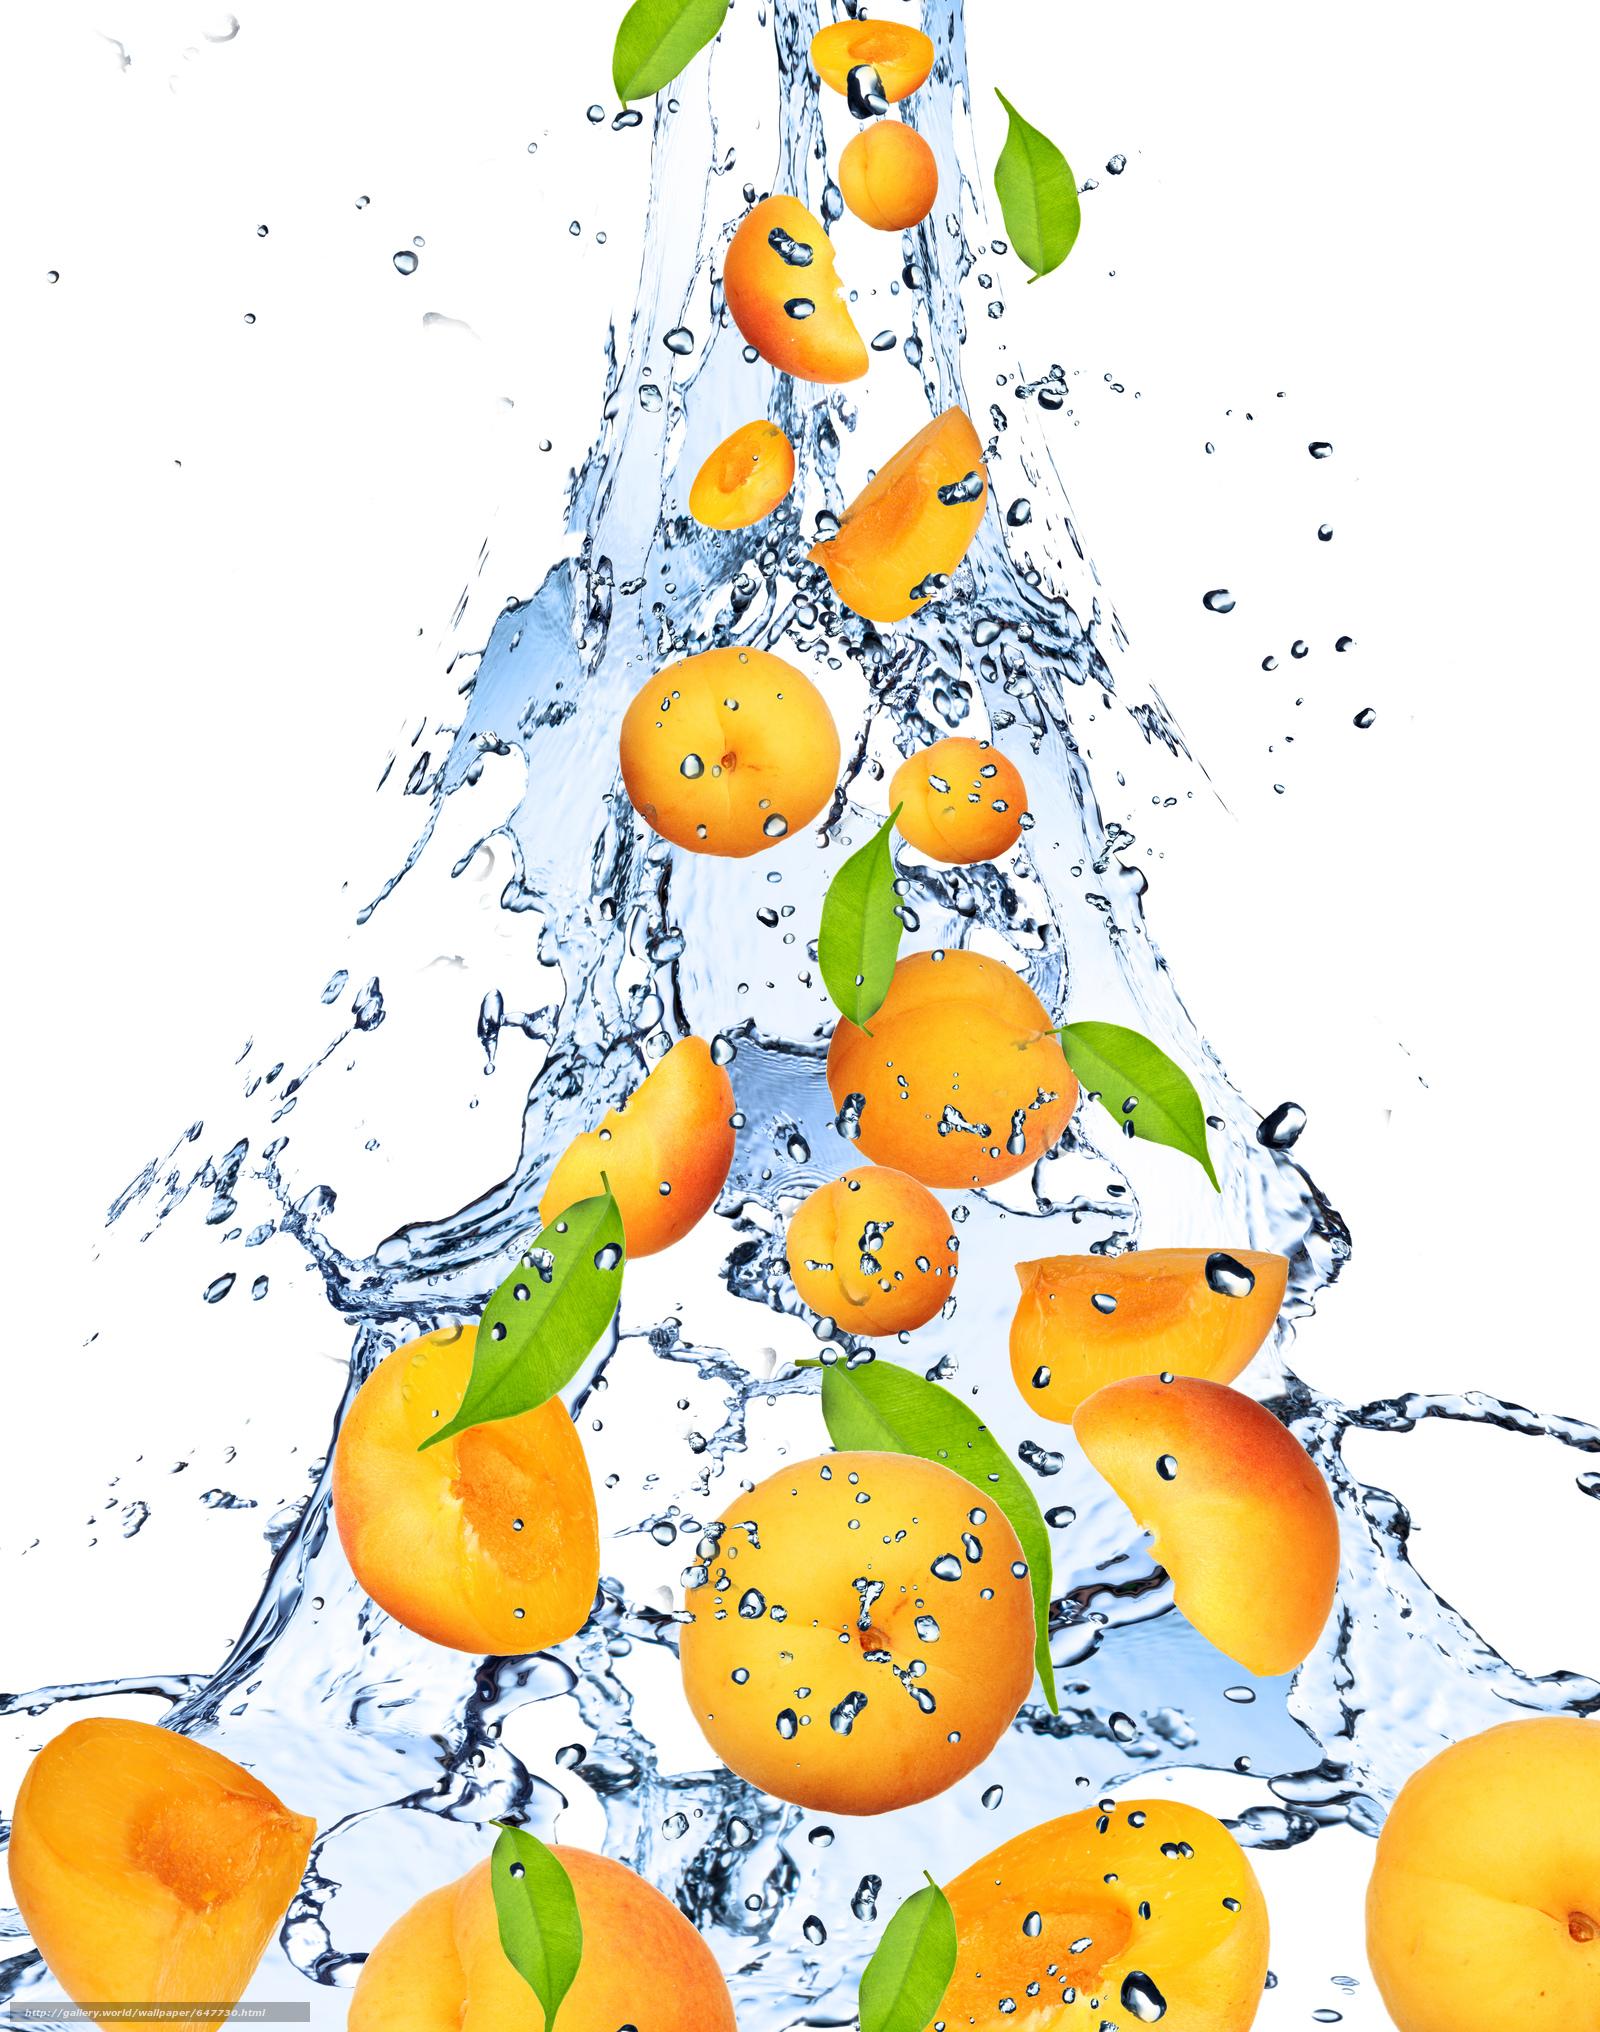 Скачать обои врукты,  вода,  брызги бесплатно для рабочего стола в разрешении 6492x8243 — картинка №647730